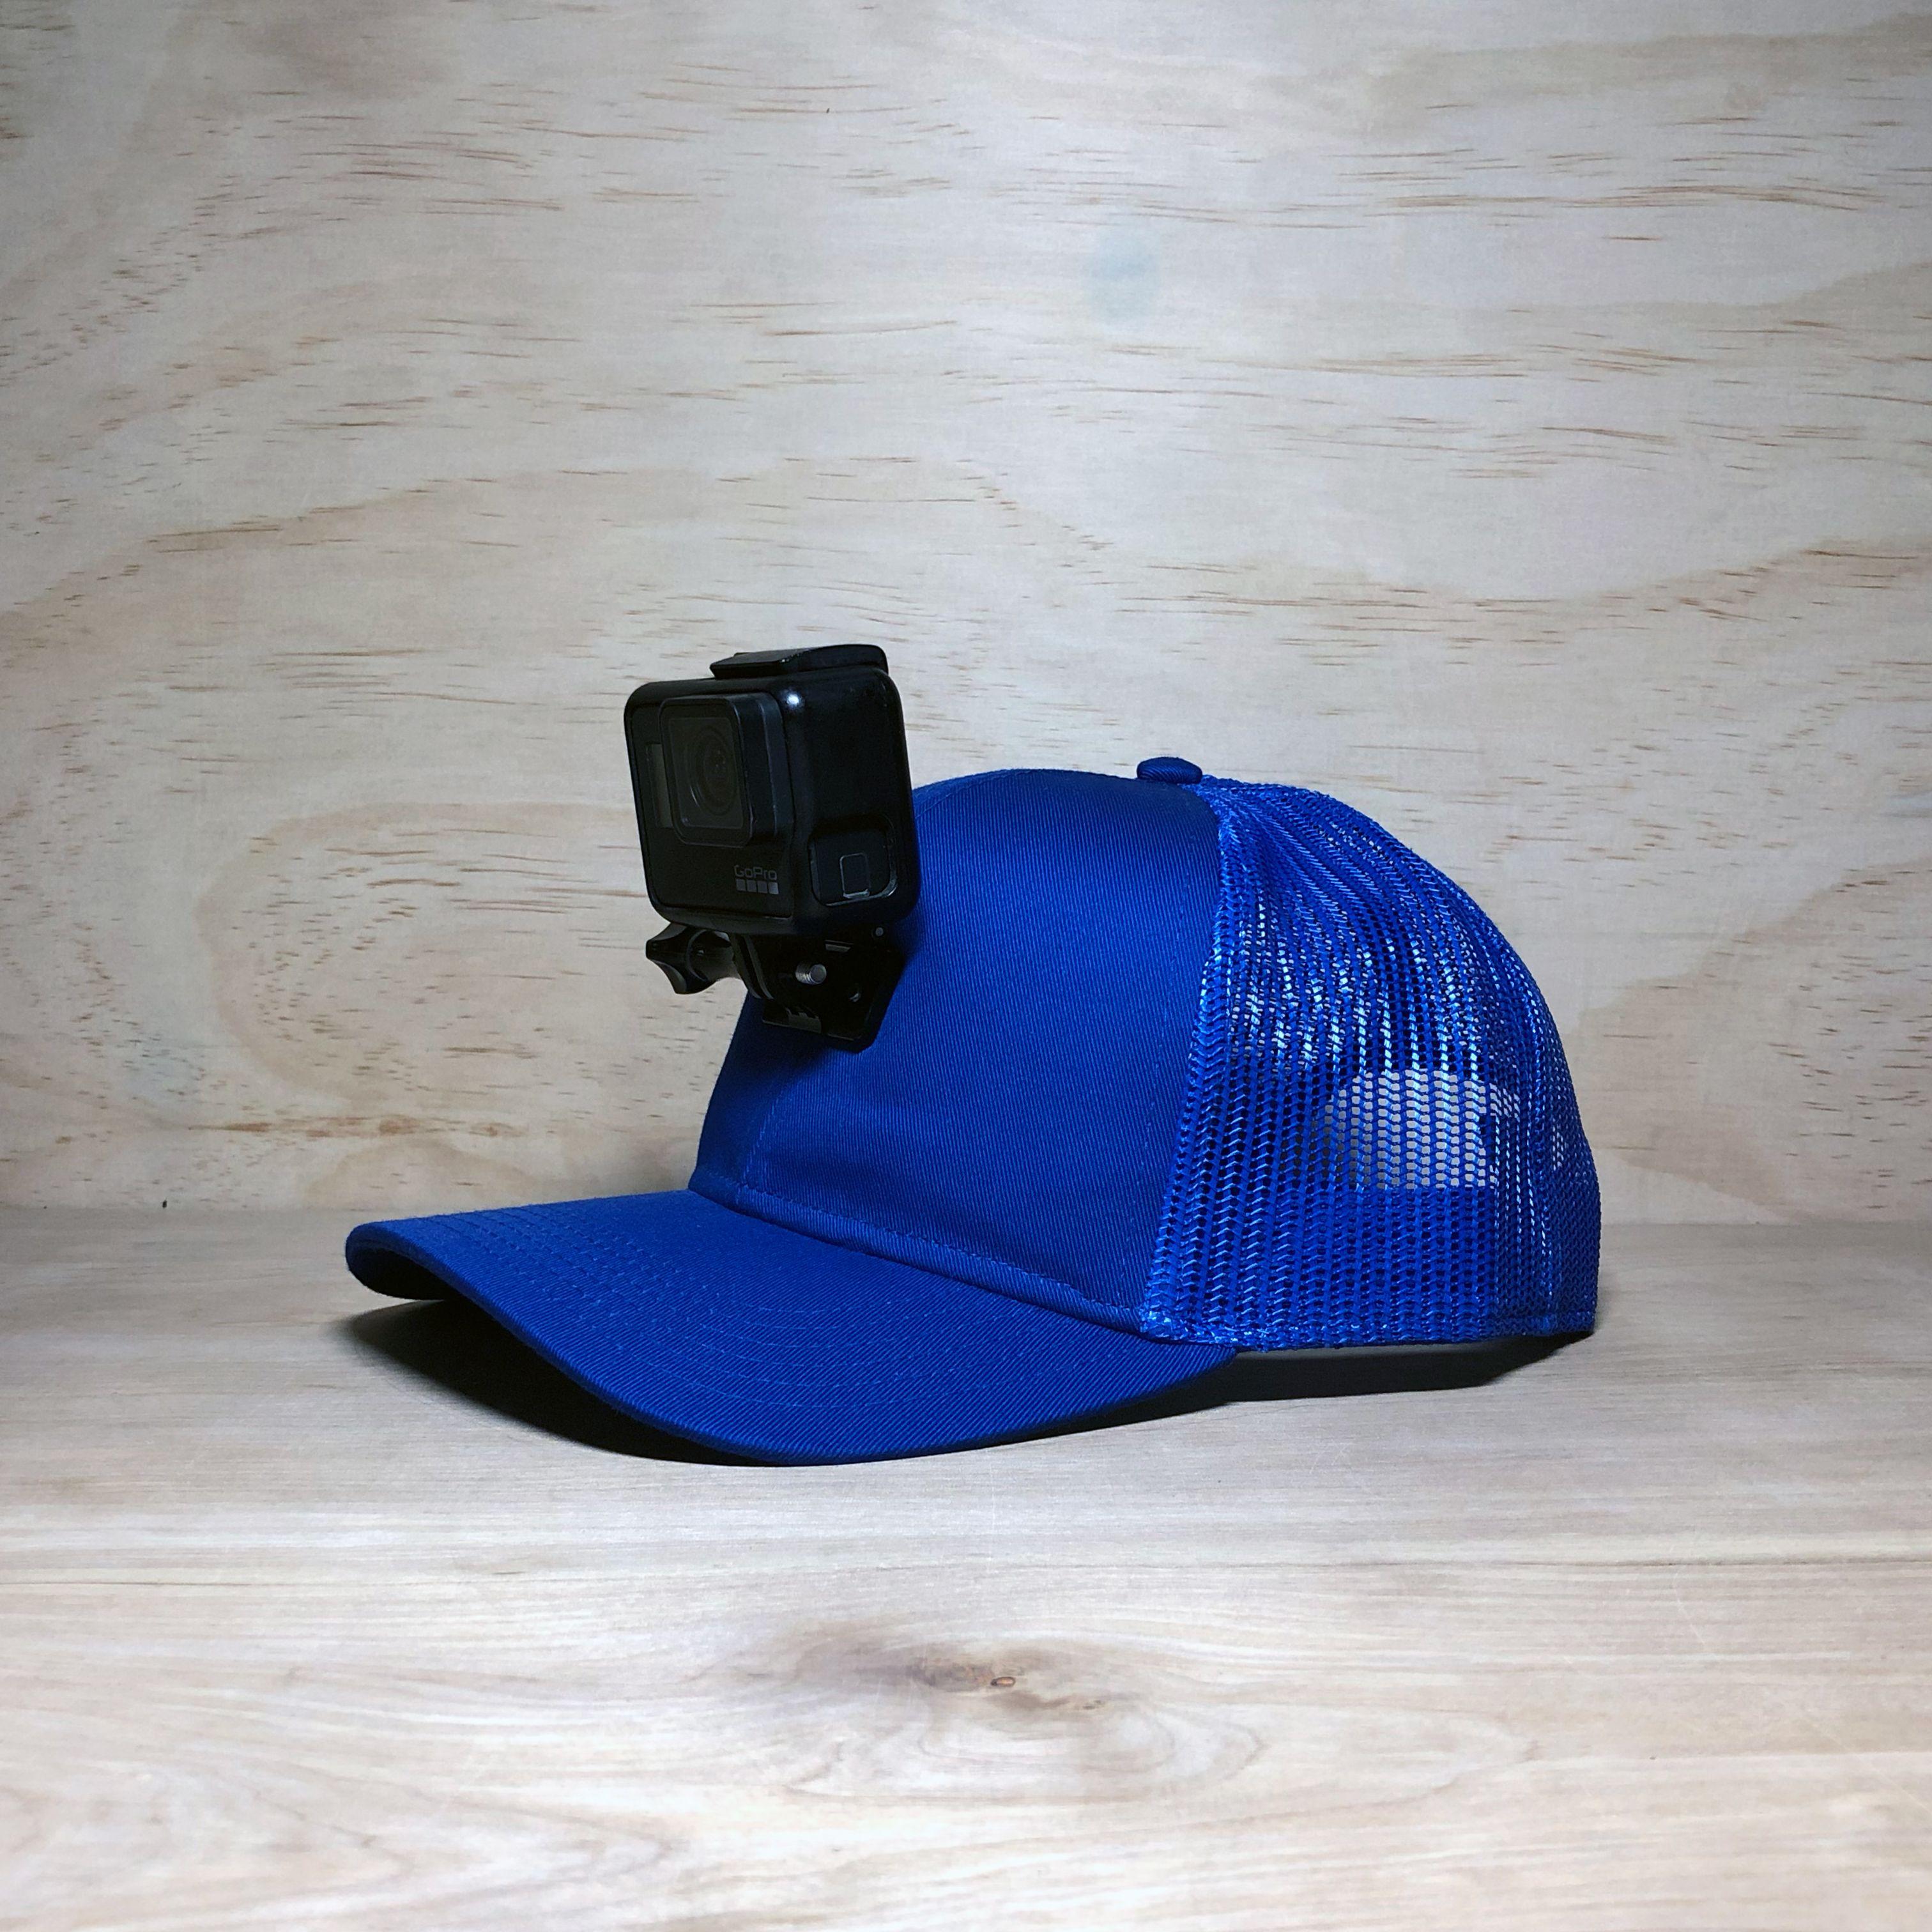 Actionhat Com Fishfrsh Com Livelivegear Com Hats Sport Shoes Tap Shoes